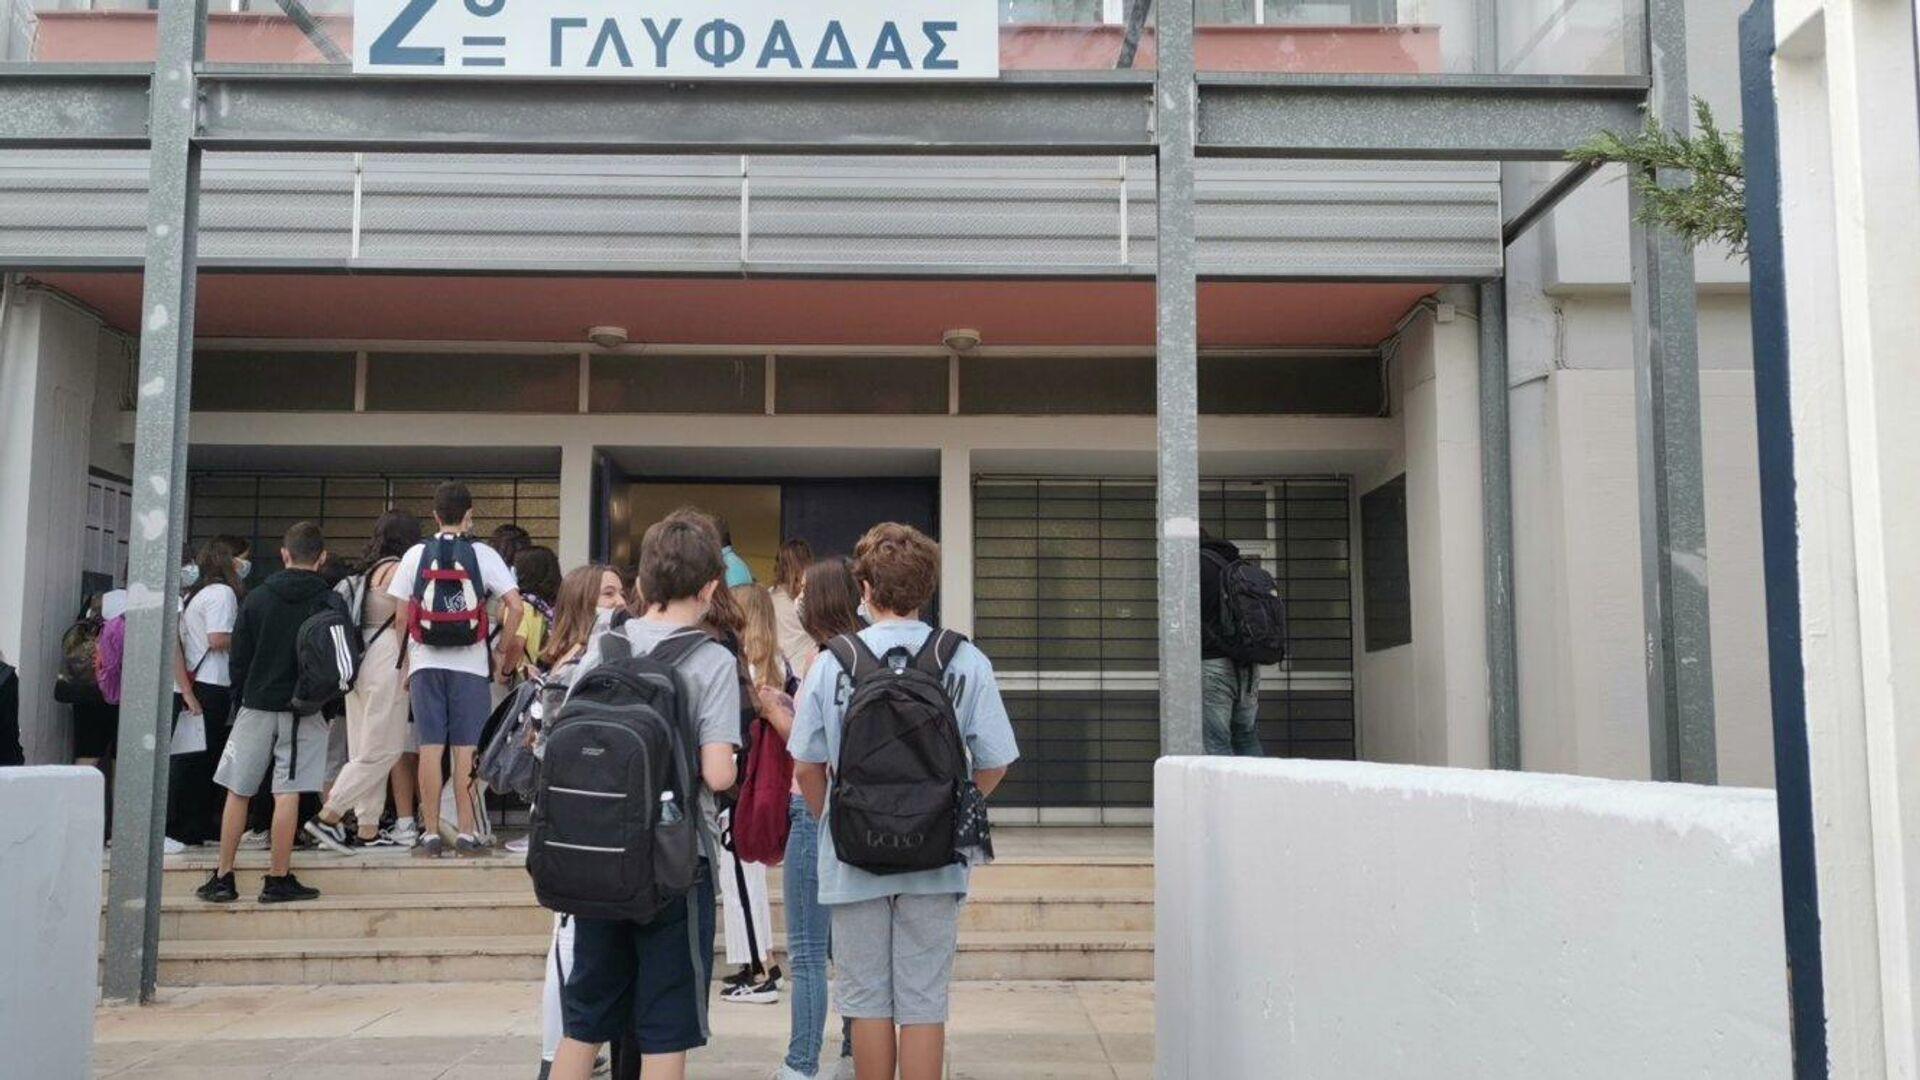 Άνοιξαν τα σχολεία με μέτρα για τους μαθητές και τους καθηγητές - Sputnik Ελλάδα, 1920, 13.09.2021